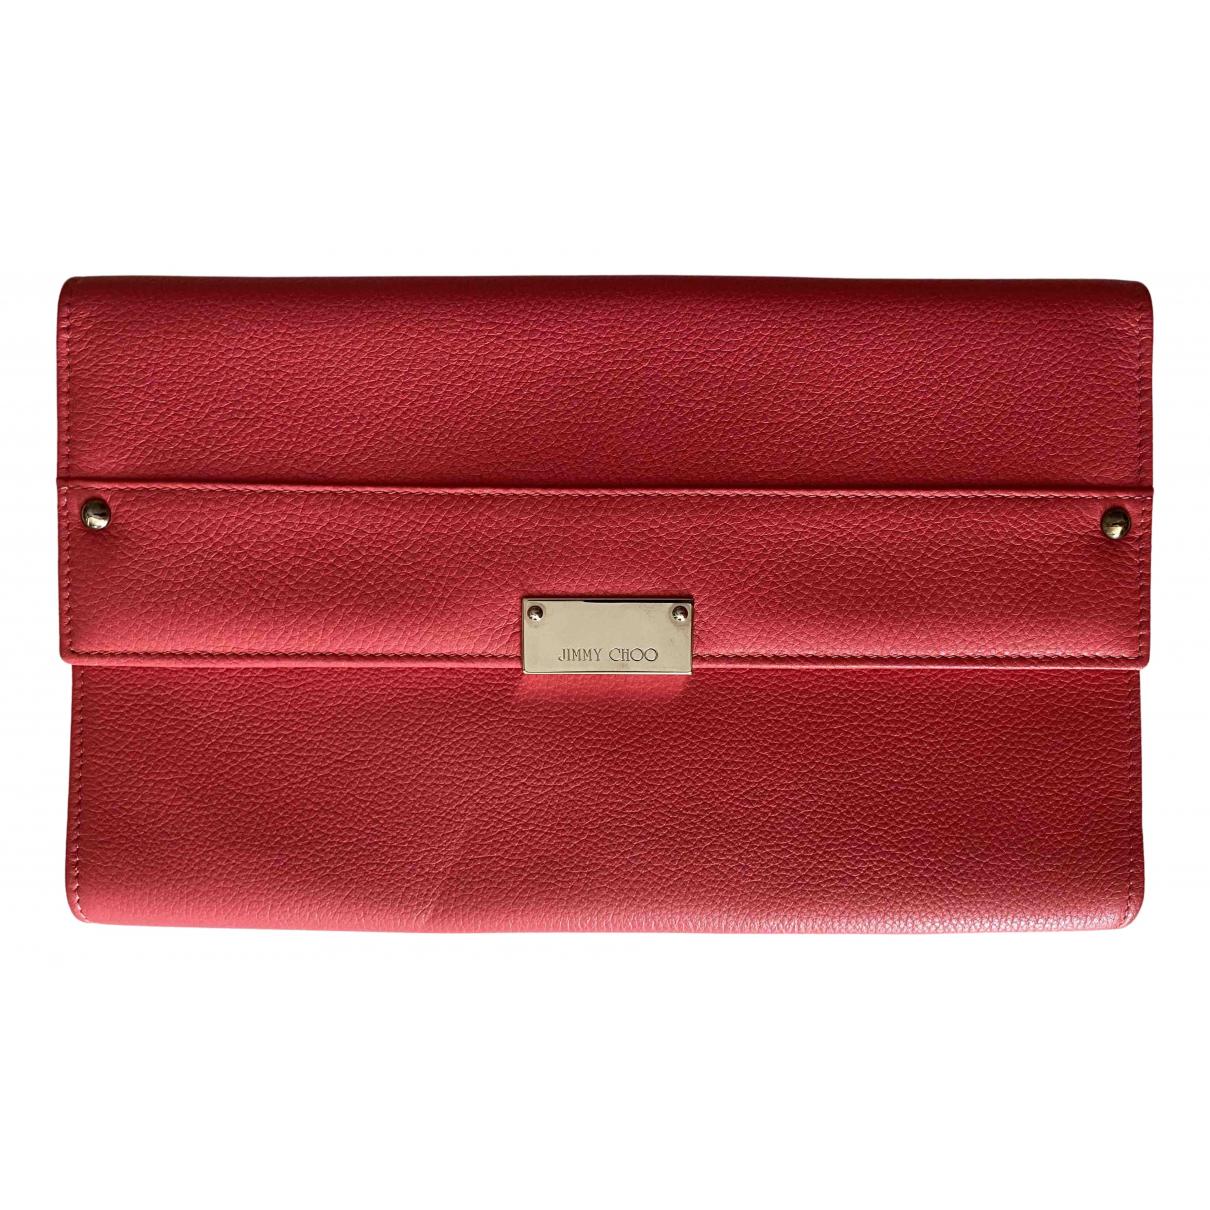 Jimmy Choo N Pink Leather Clutch bag for Women N